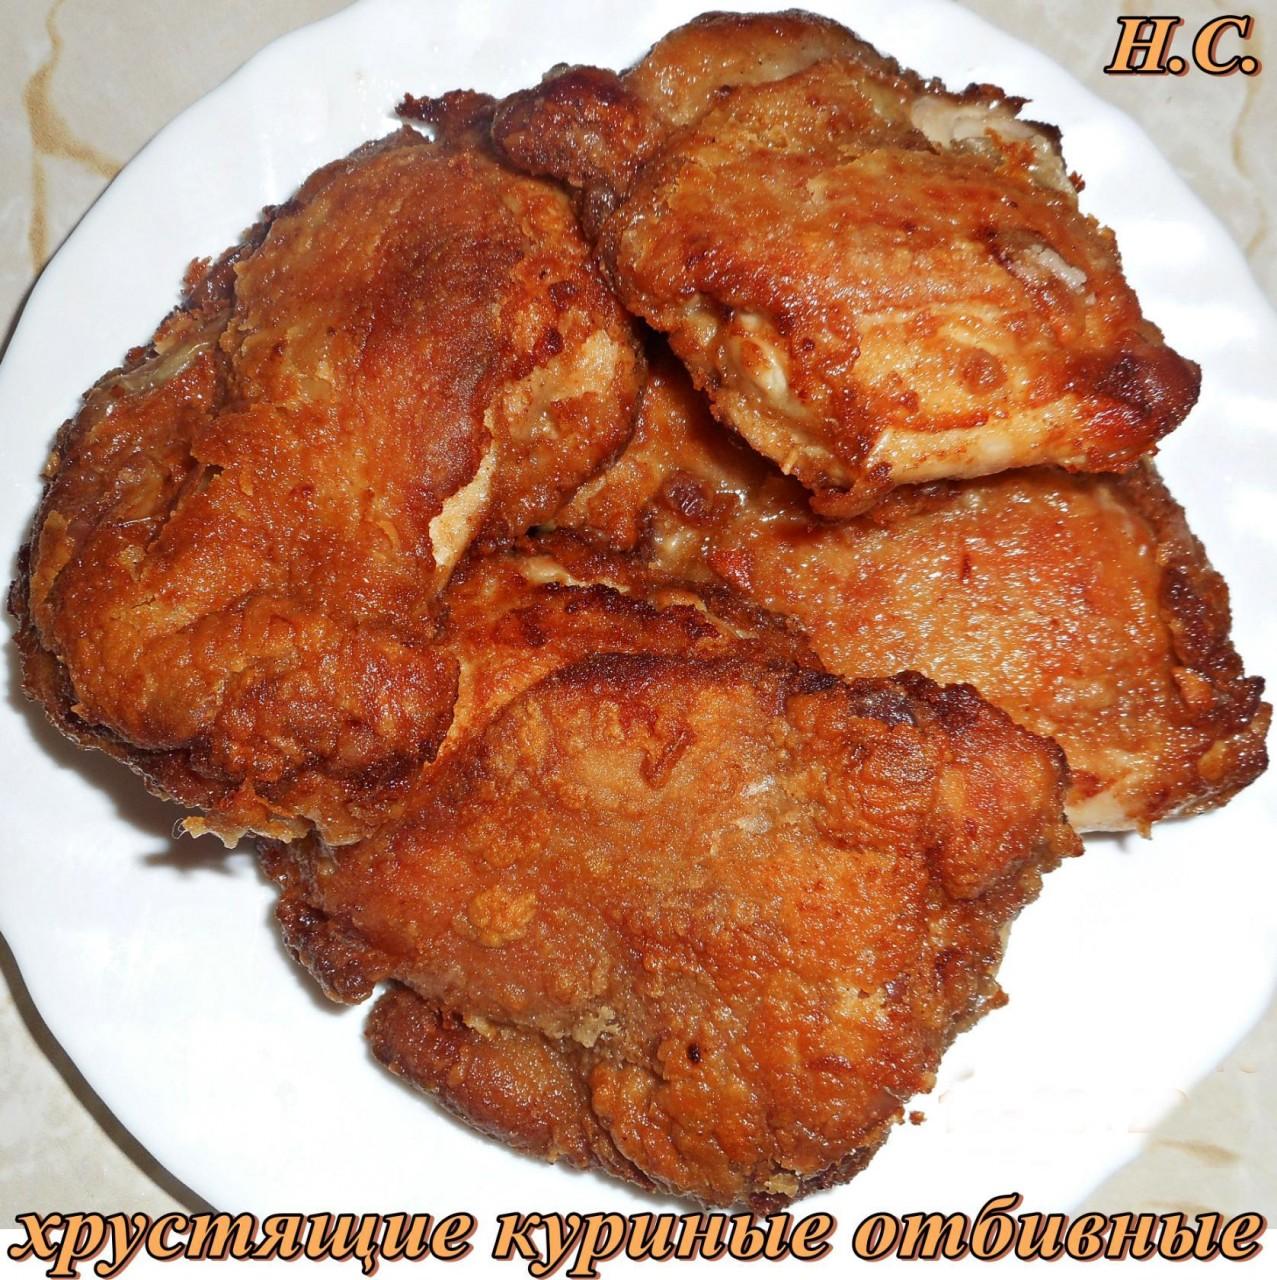 Хрустящие куриные отбивные